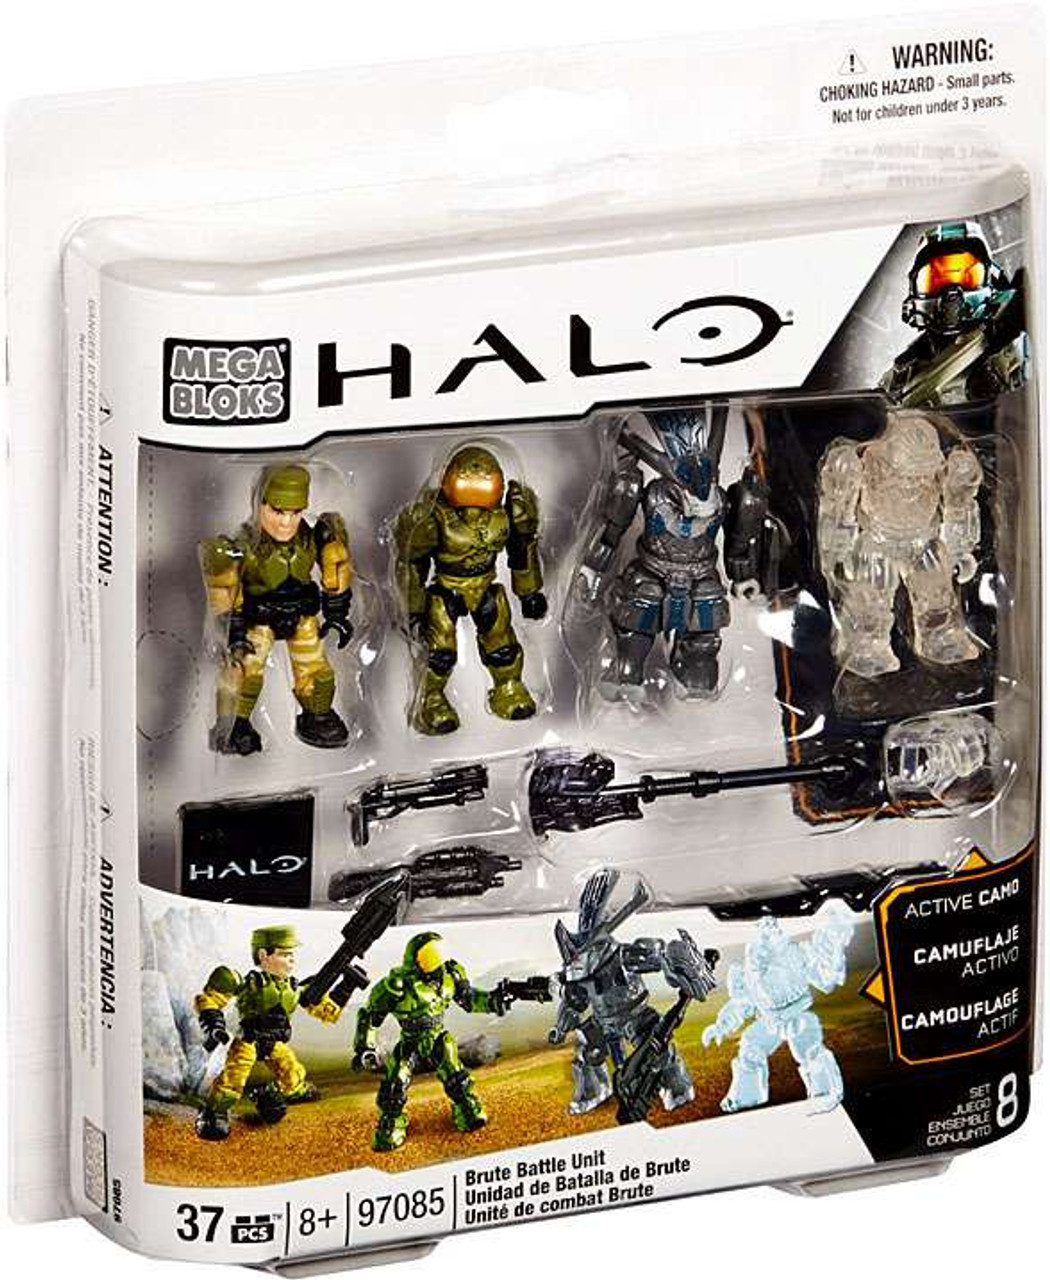 Mega Bloks Halo Brute Battle Pack Set #97085 [Damaged Package]